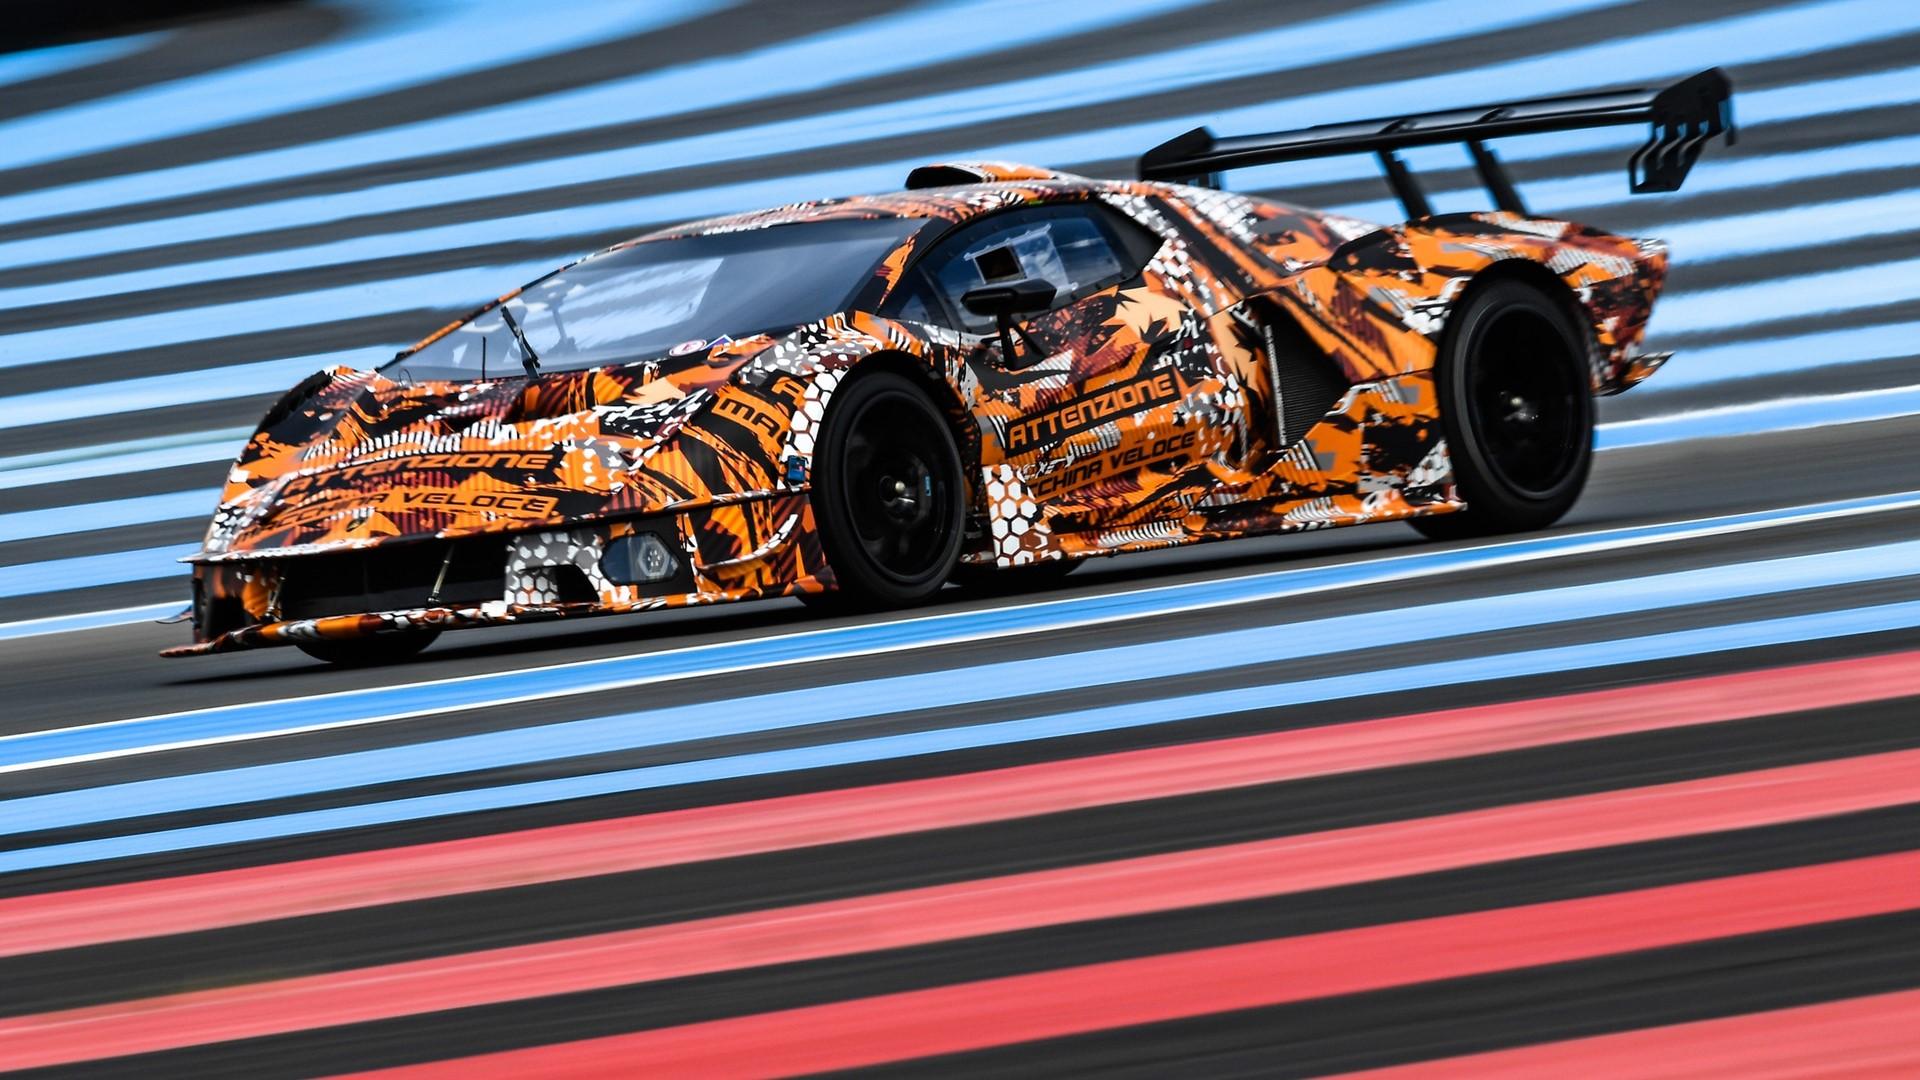 Lamborghini SCV12: Squadra Corse hypercar ready to hit the track - Image 6